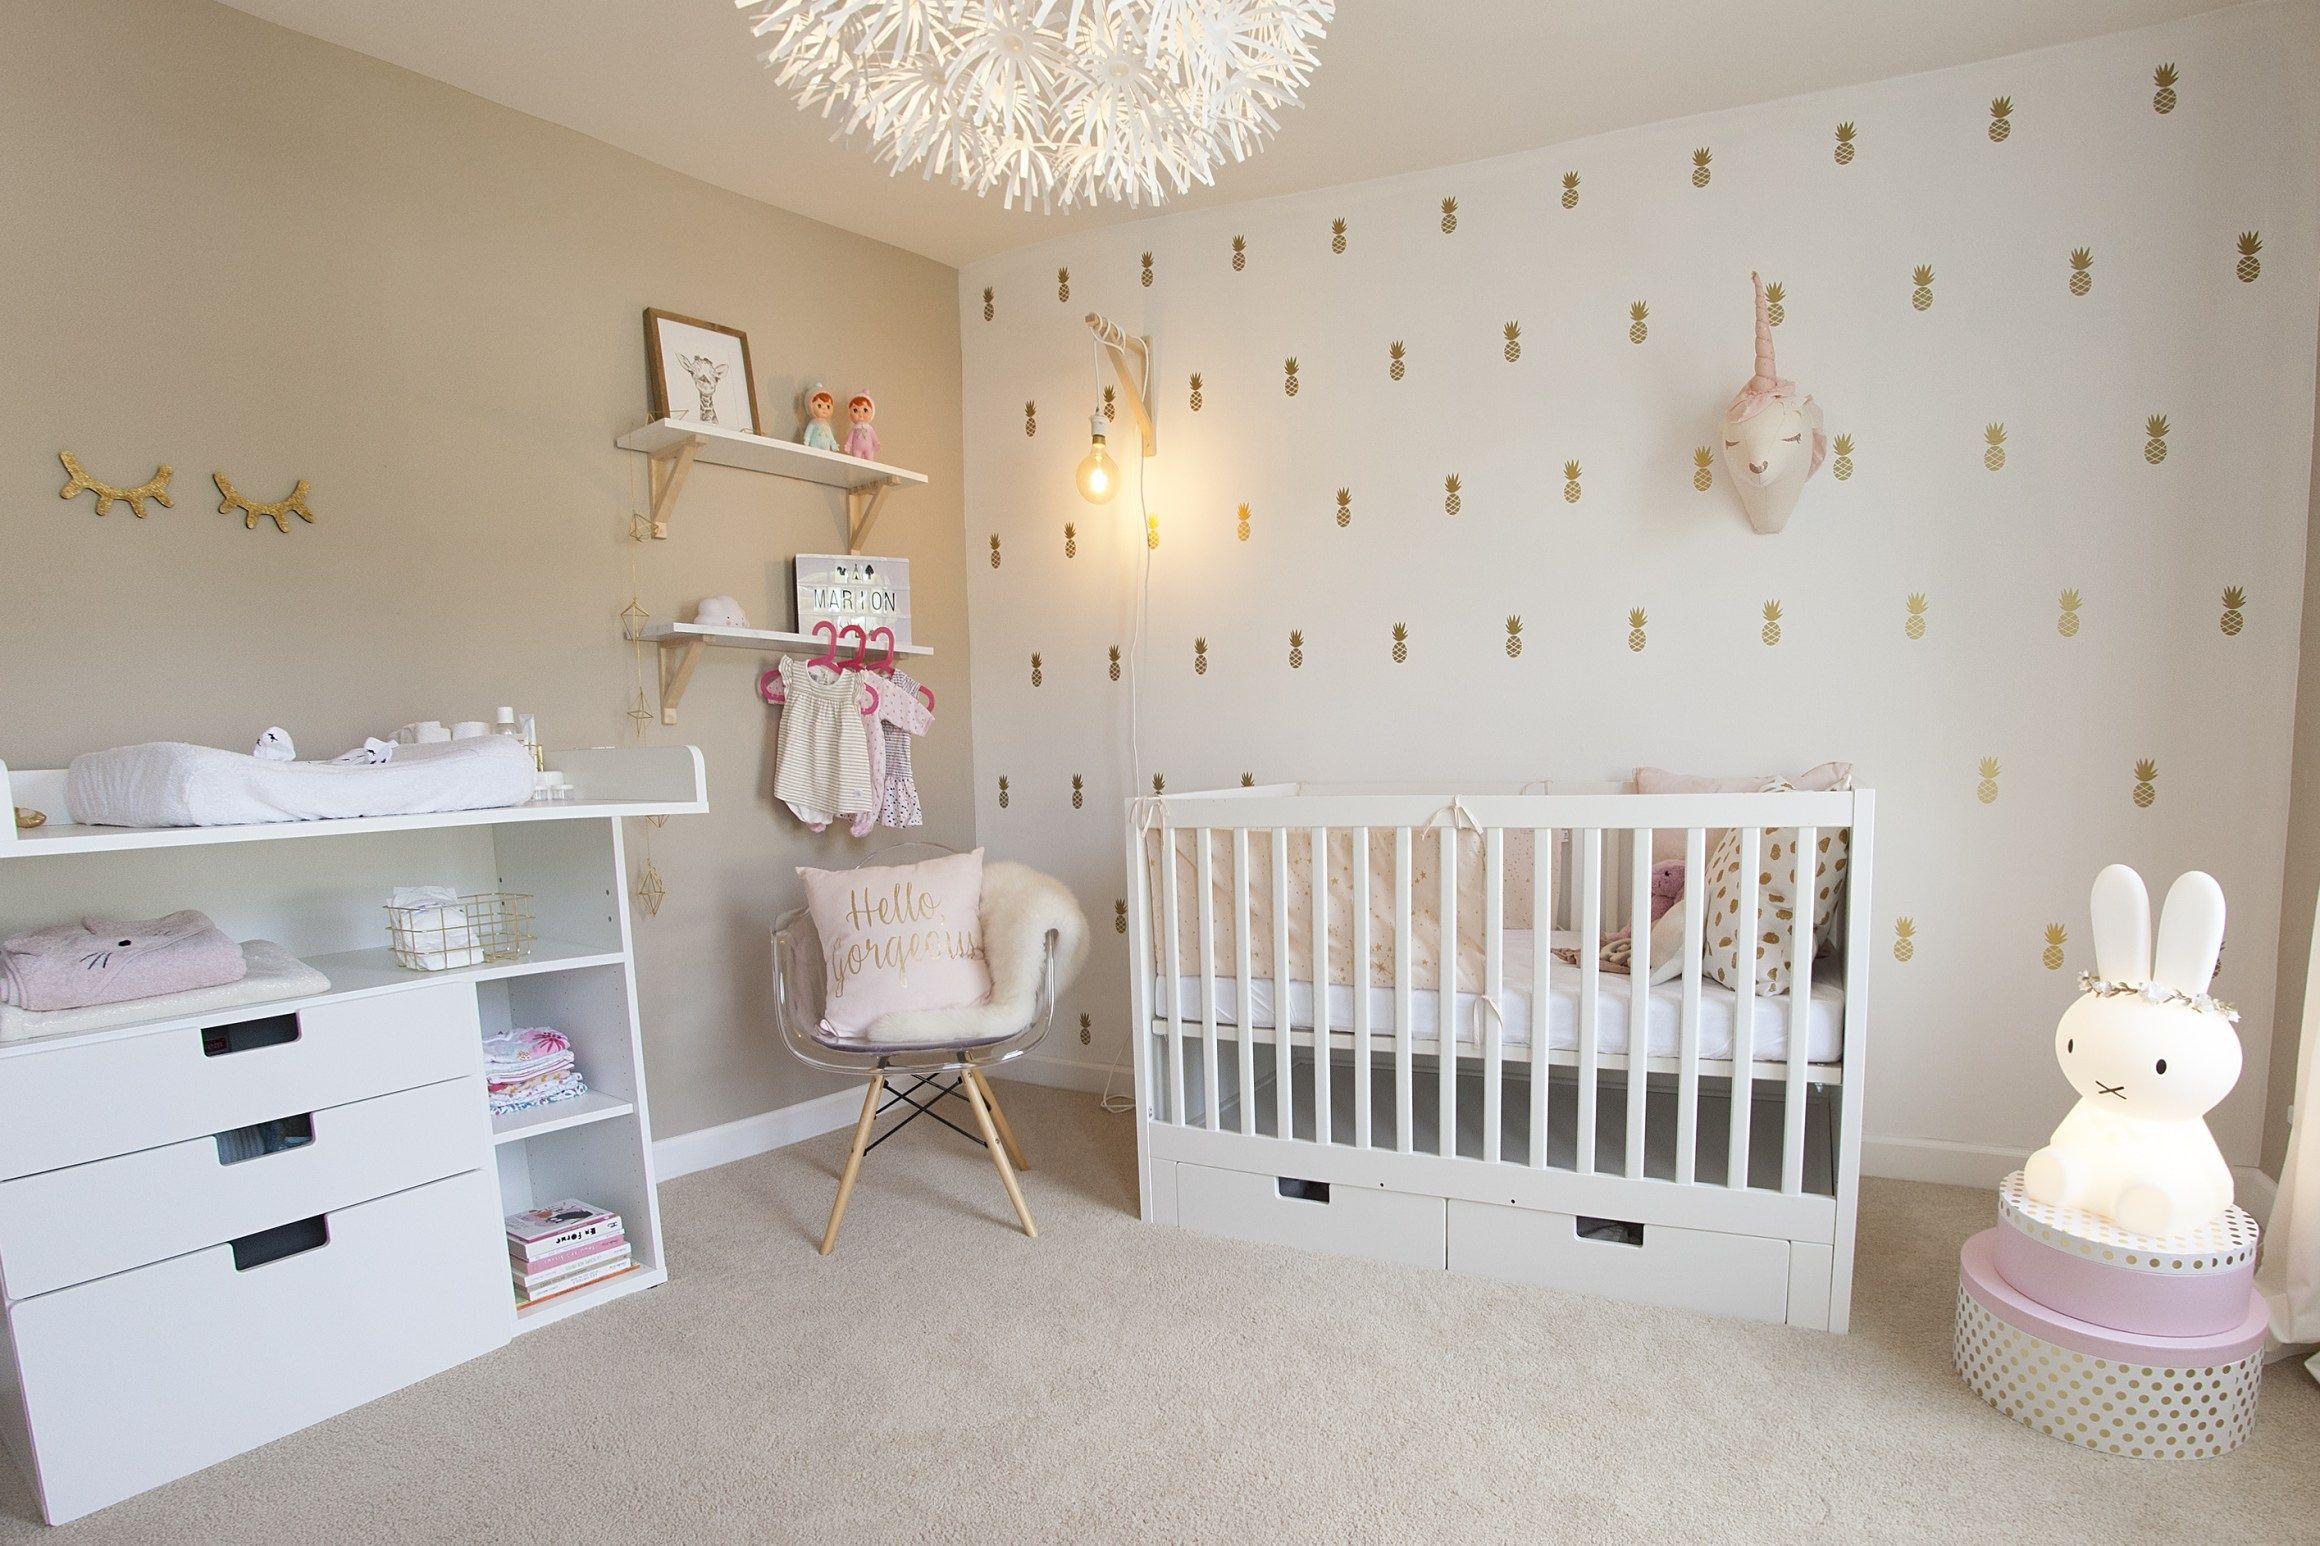 JKP_17  Chambre bébé rose, Idée déco chambre bébé fille, Diy déco